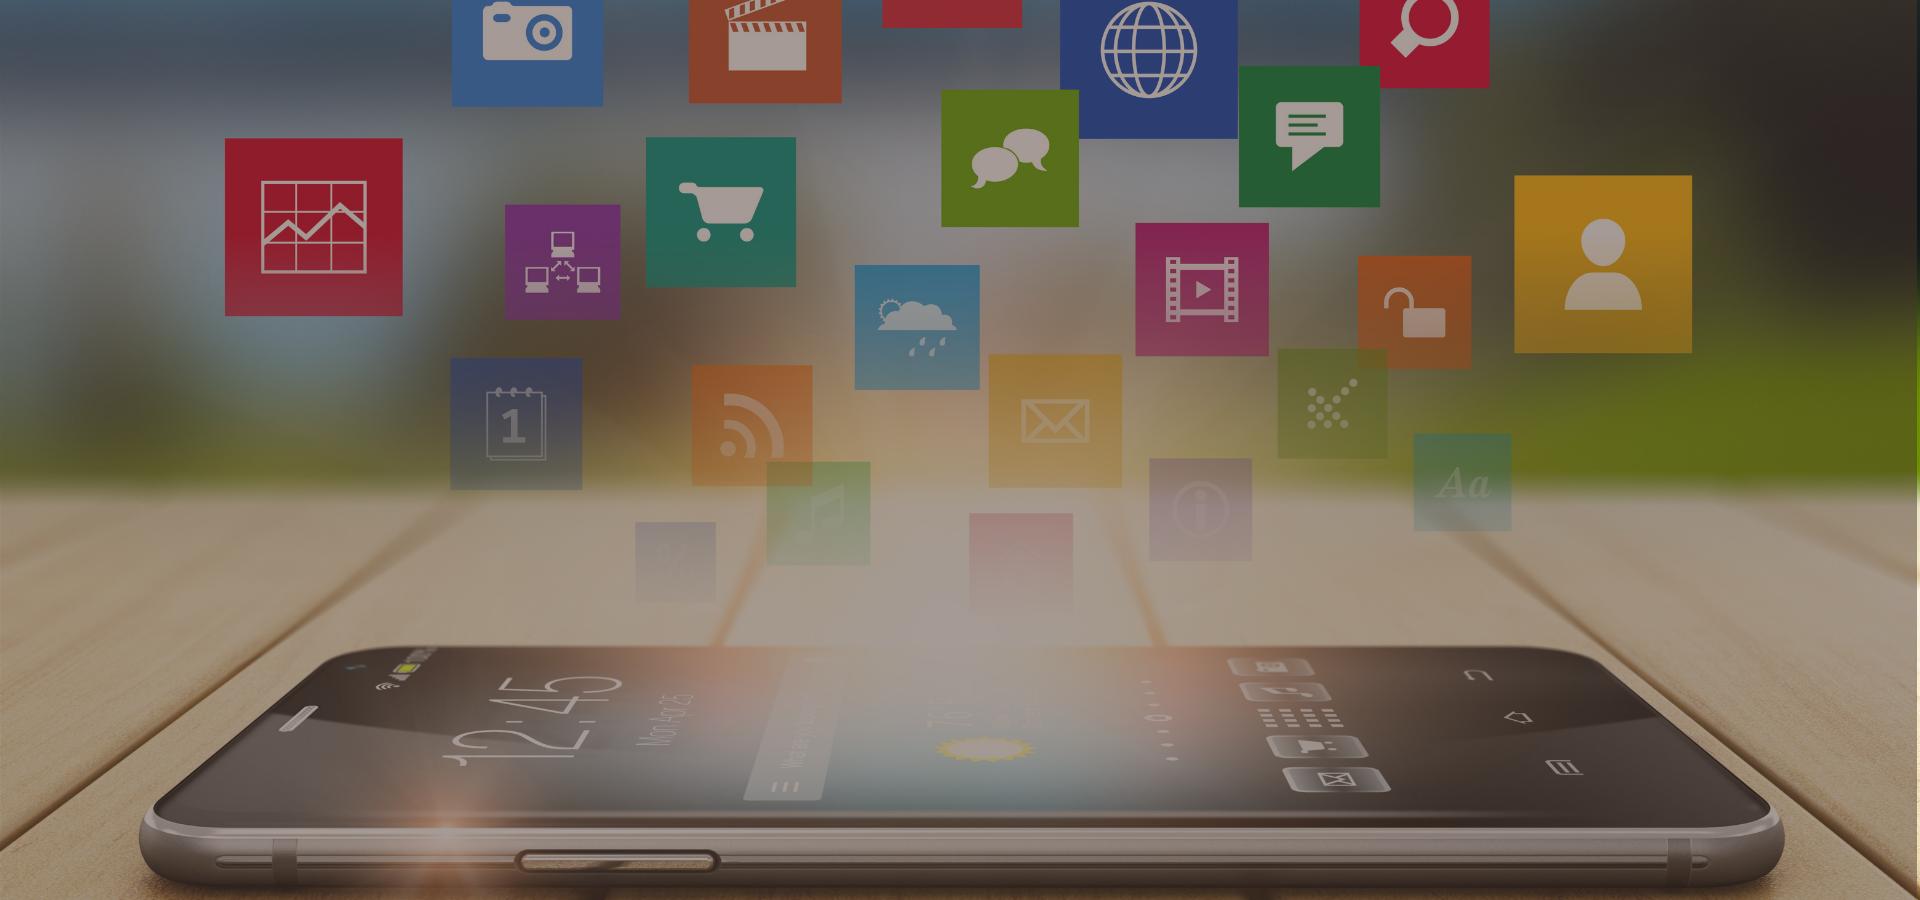 digital promotion on social media